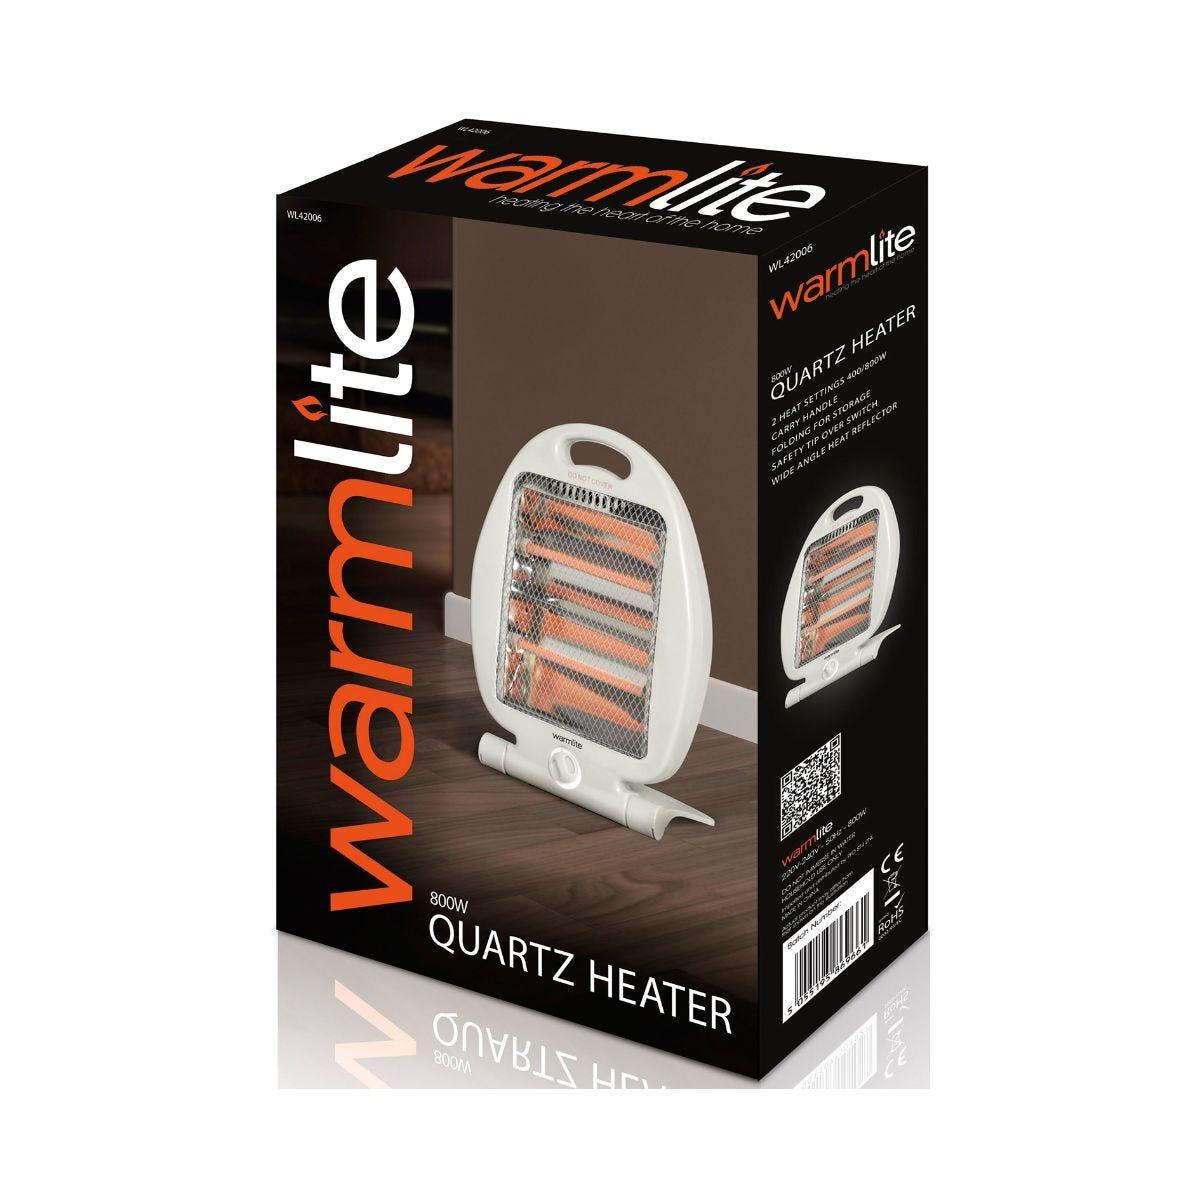 Image of 400 800W Quartz Heater